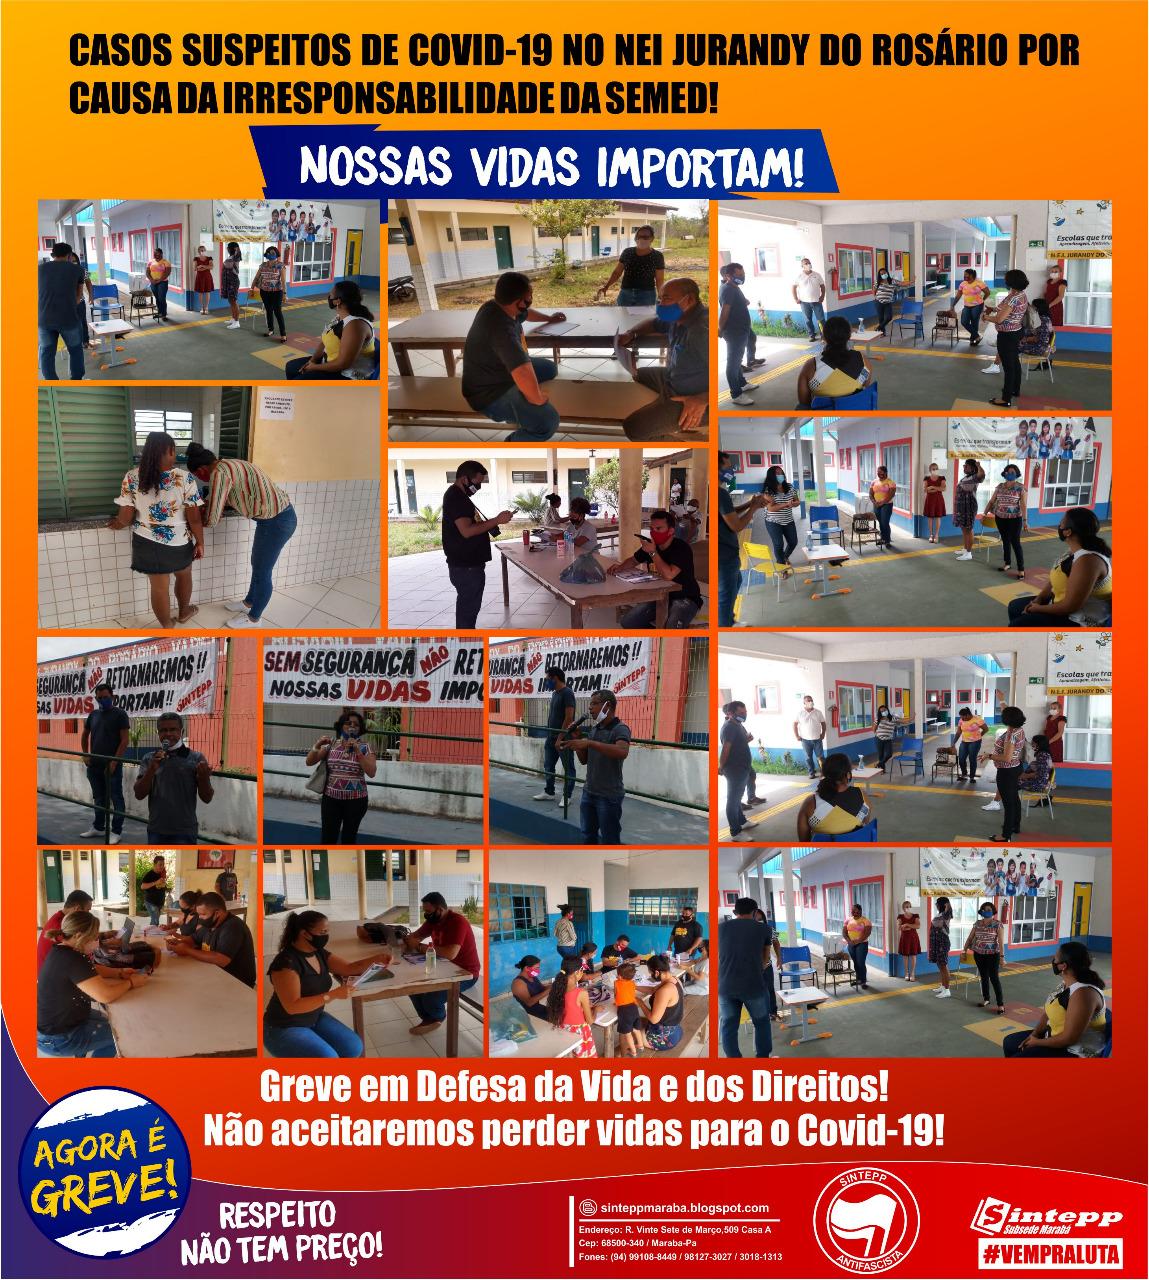 Greve na Educação de Marabá: nossas vidas importam!